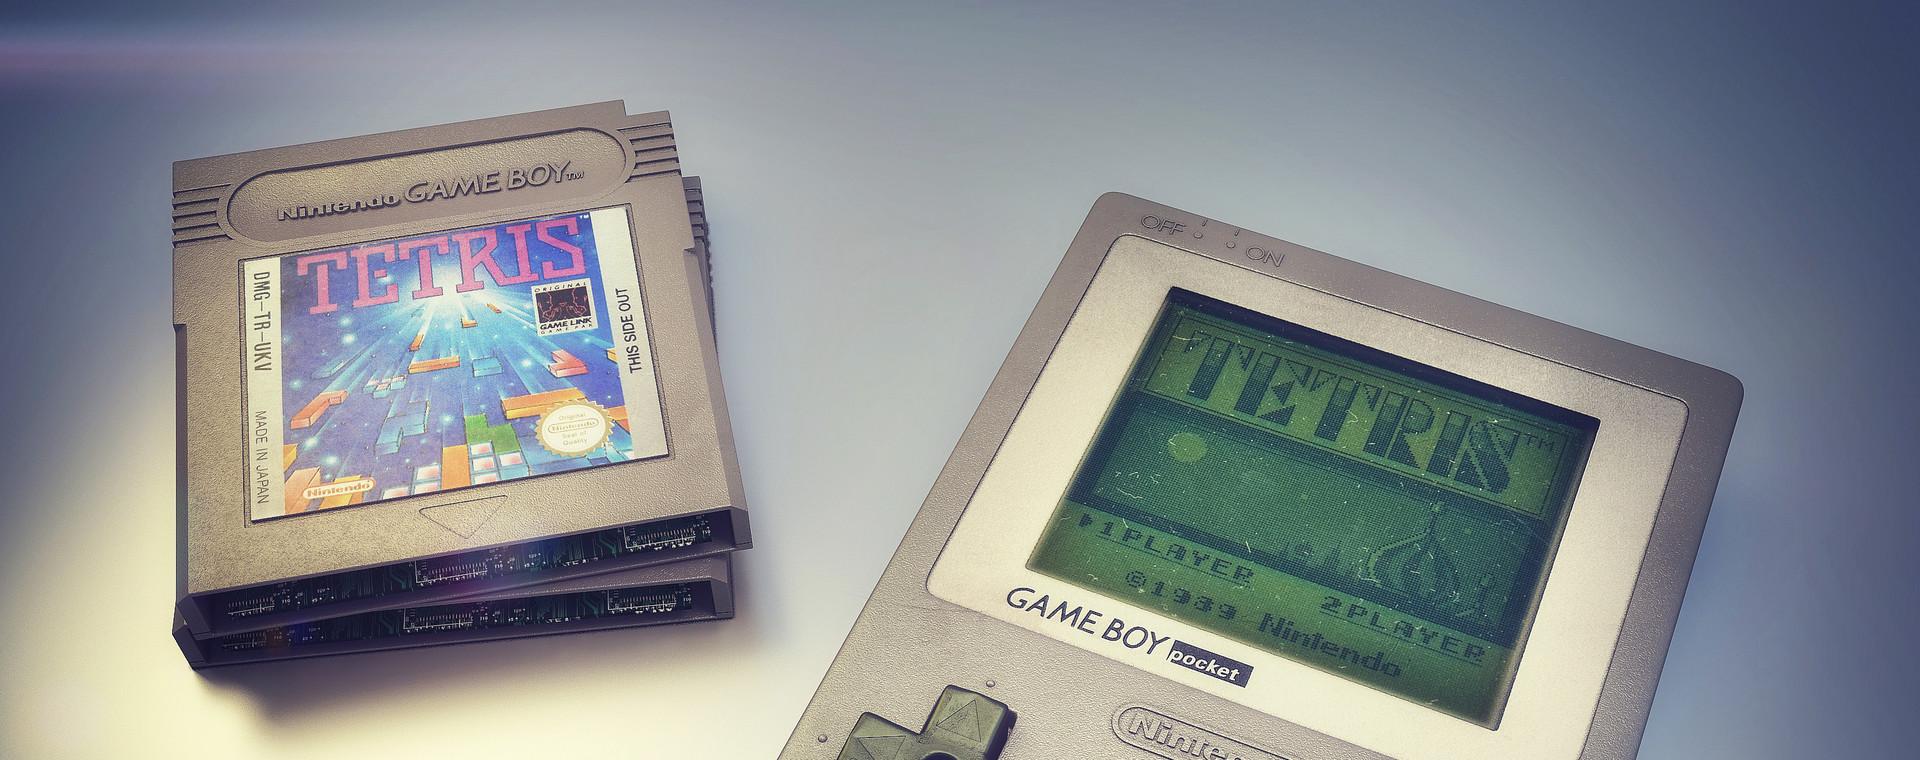 Omer Messler - Game Boy Pocket